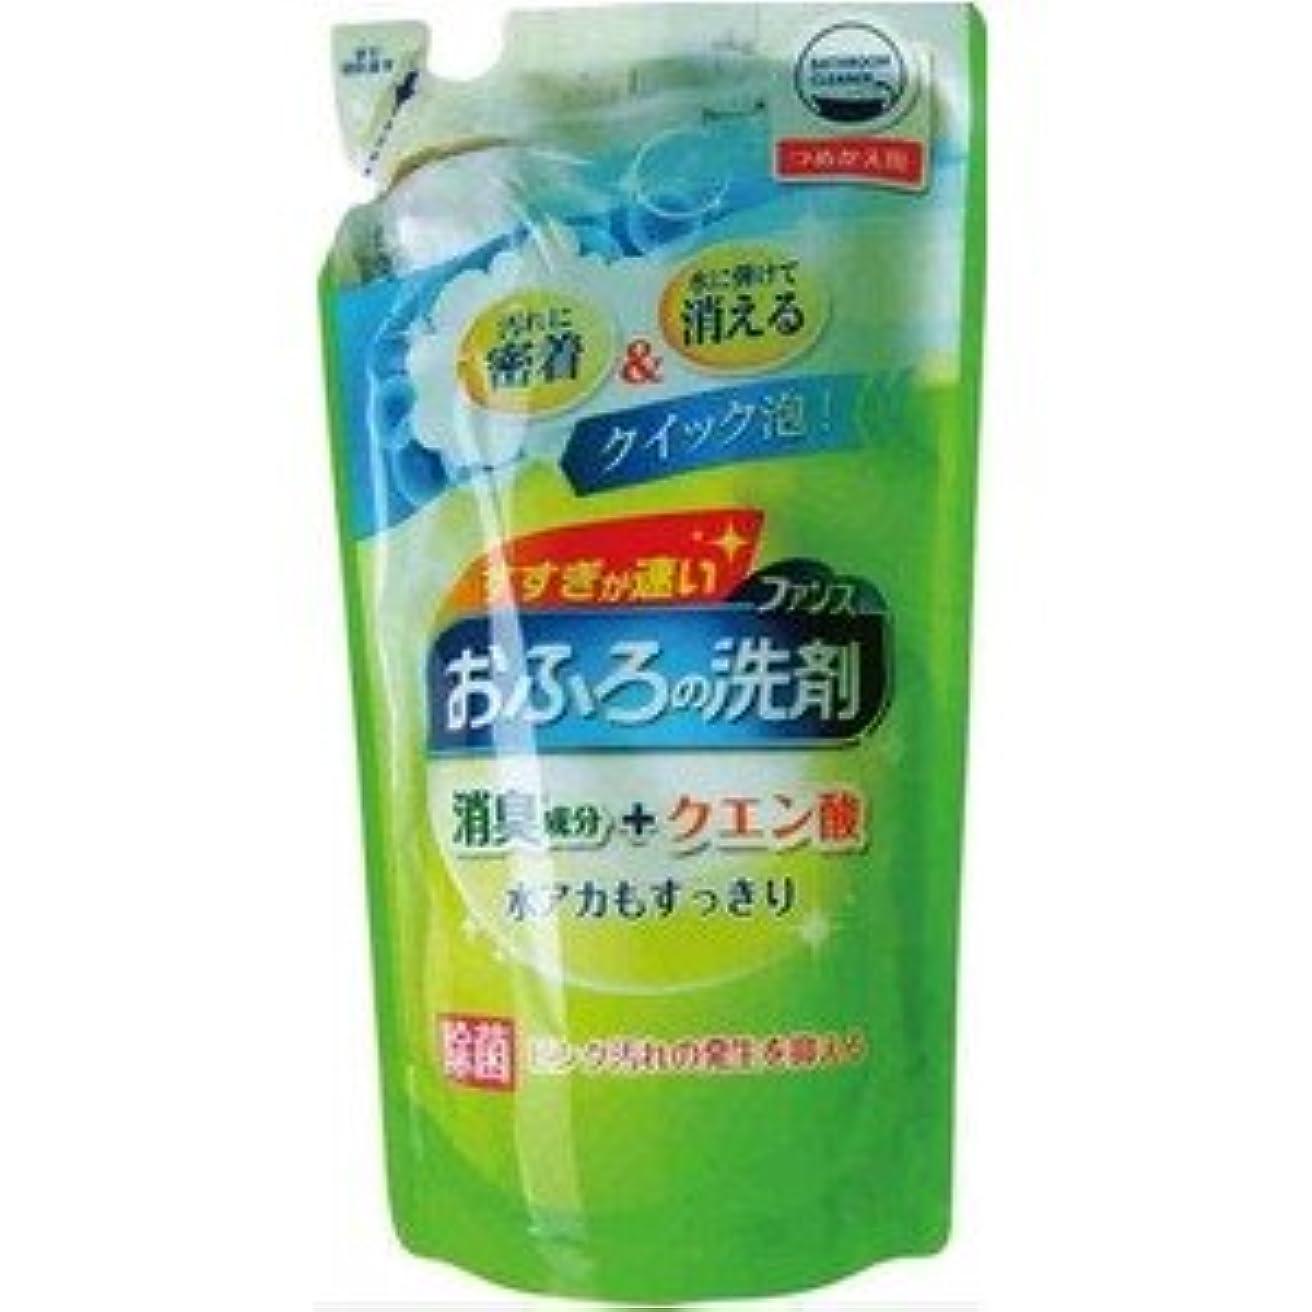 商業のランタン手ファンス おふろの洗剤グリーンハーブ詰替用330ml 46-262 【200個セット】